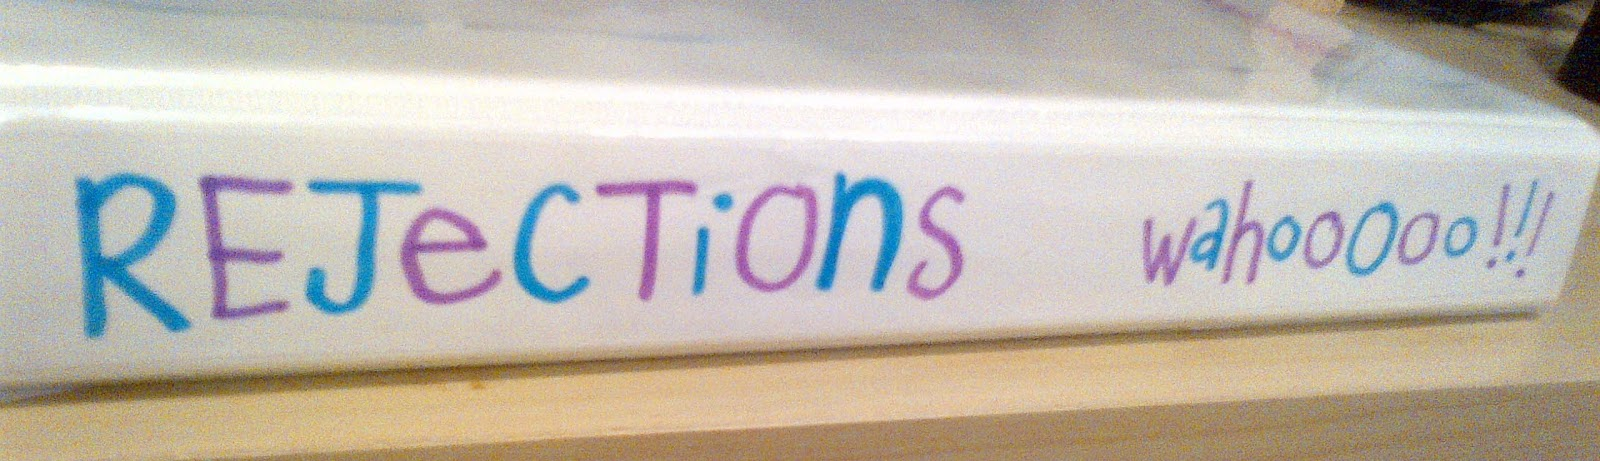 Academic writer houston tx